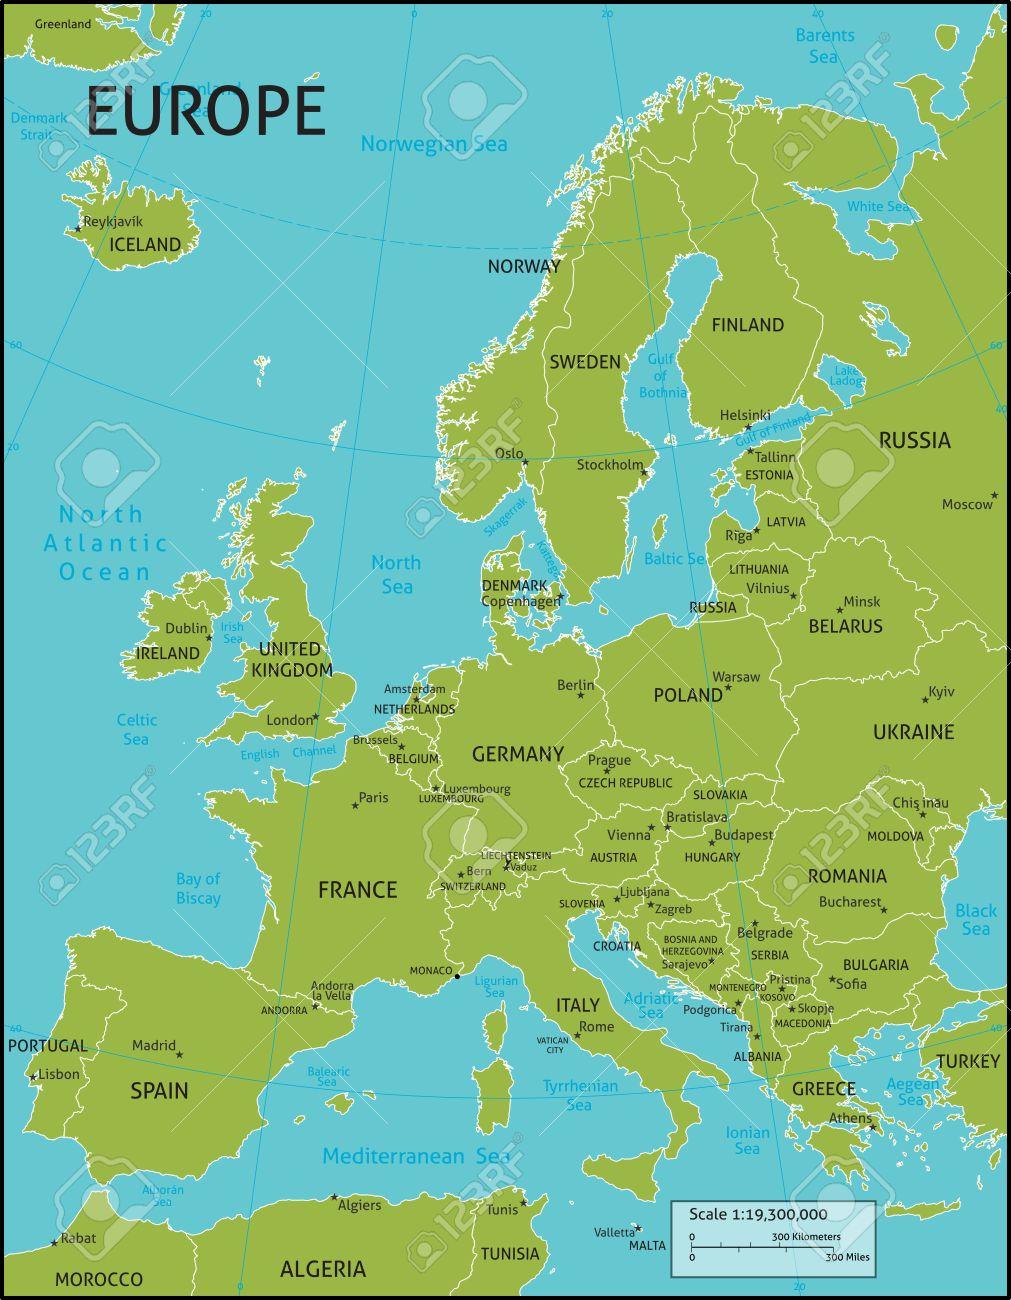 Une Carte De L'europe Avec Tous Les Noms De Pays, Et Les Capitales De Pays.  Organisé Dans La Version De Vecteur Dans Facile D'utiliser Des Couches. pour Pays Et Capitales D Europe